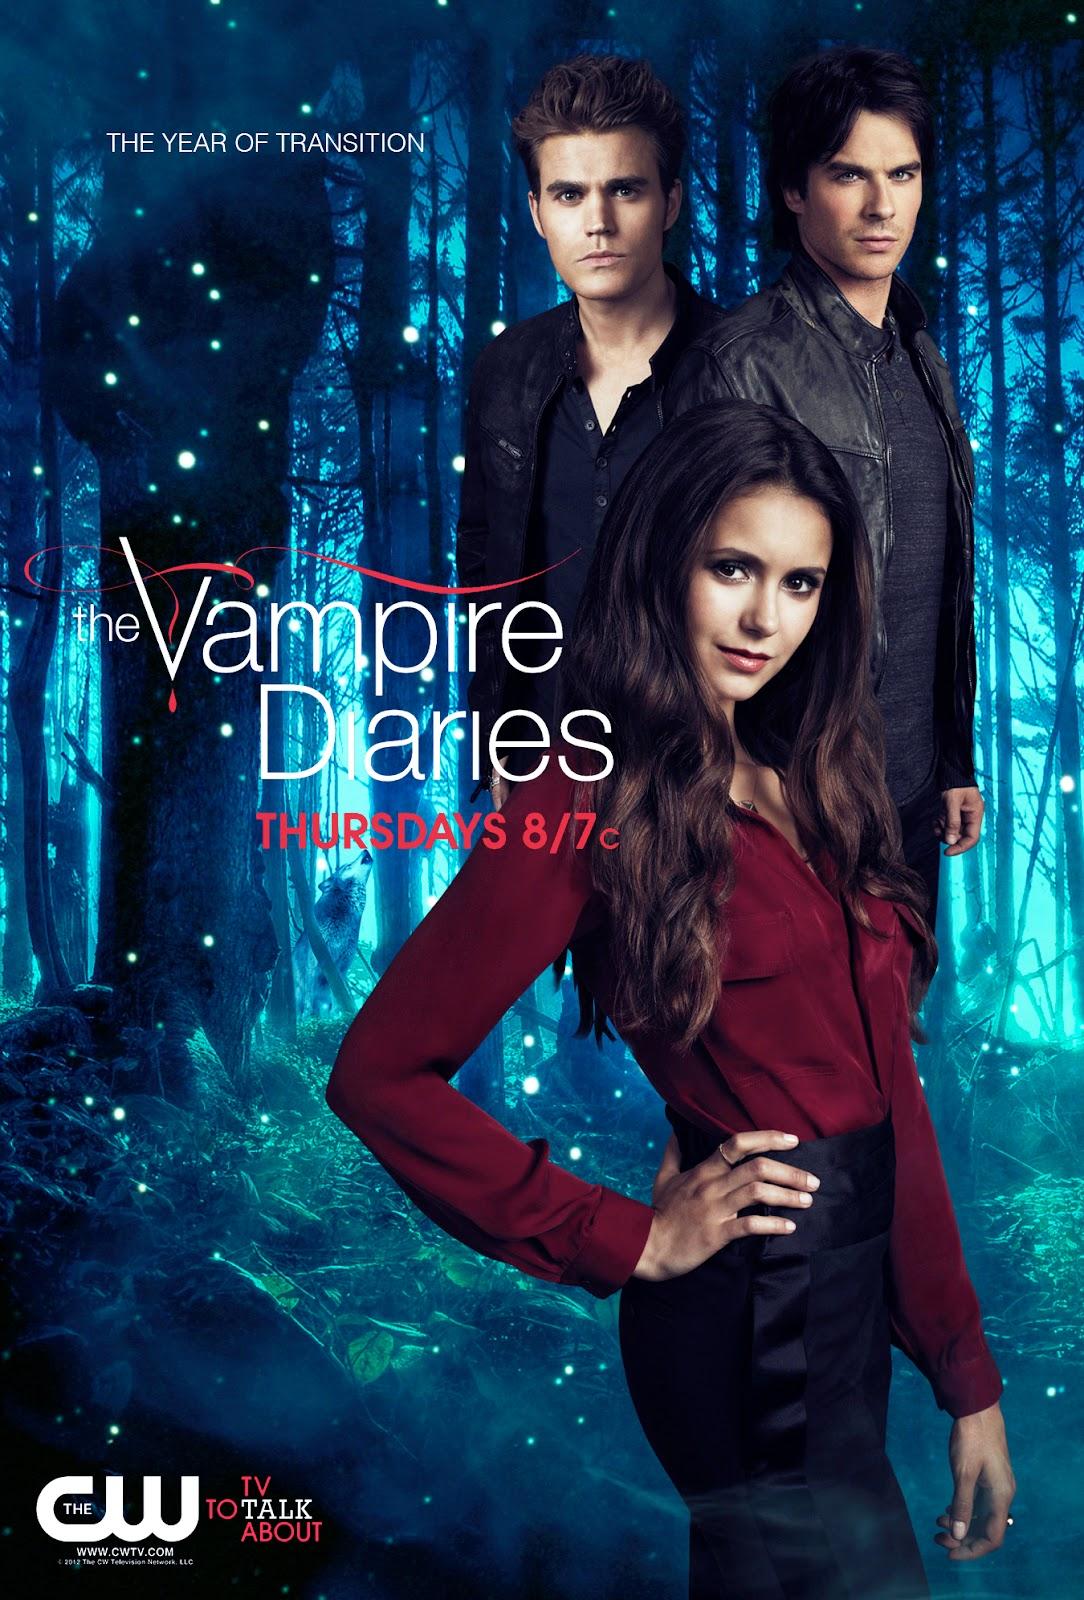 The Vampire Diaries Sezonul 7 Episodul 6 Online Subtitrat in Premiera